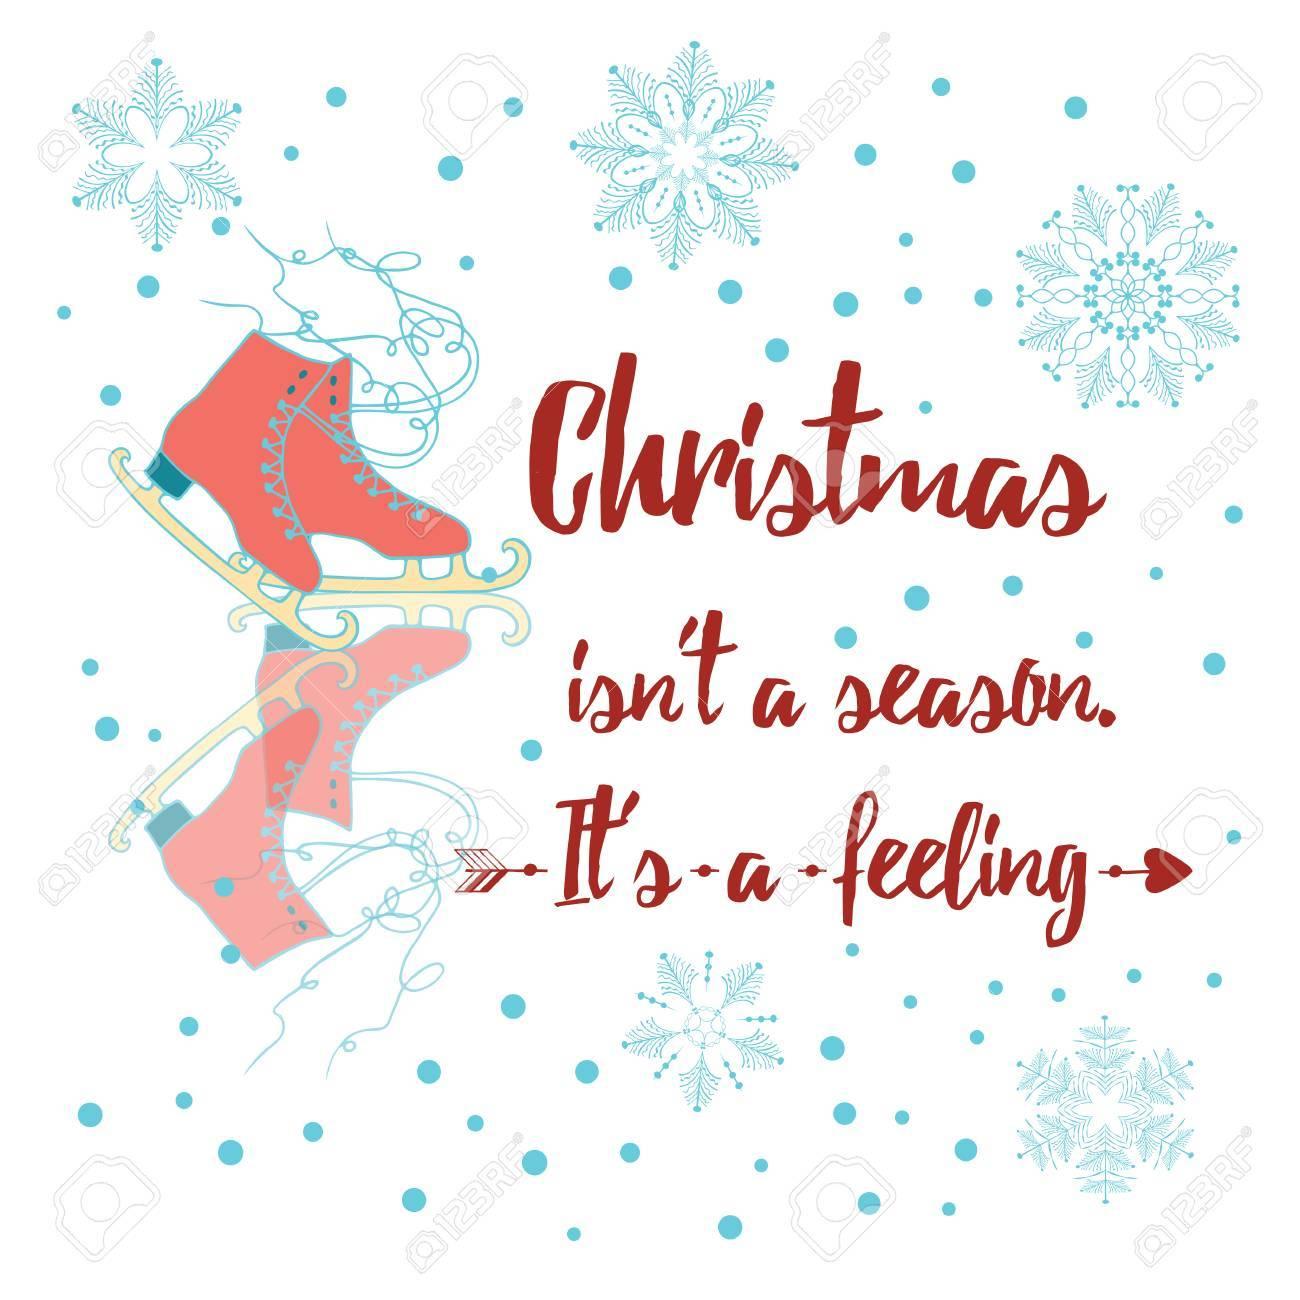 Joyeux Noël Décoré Citation Positive Patinage Artistique Et Flocon De Neige Noël Est Pas Une Saison Il Est Une Carte De Voeux Sentiment De Vacances